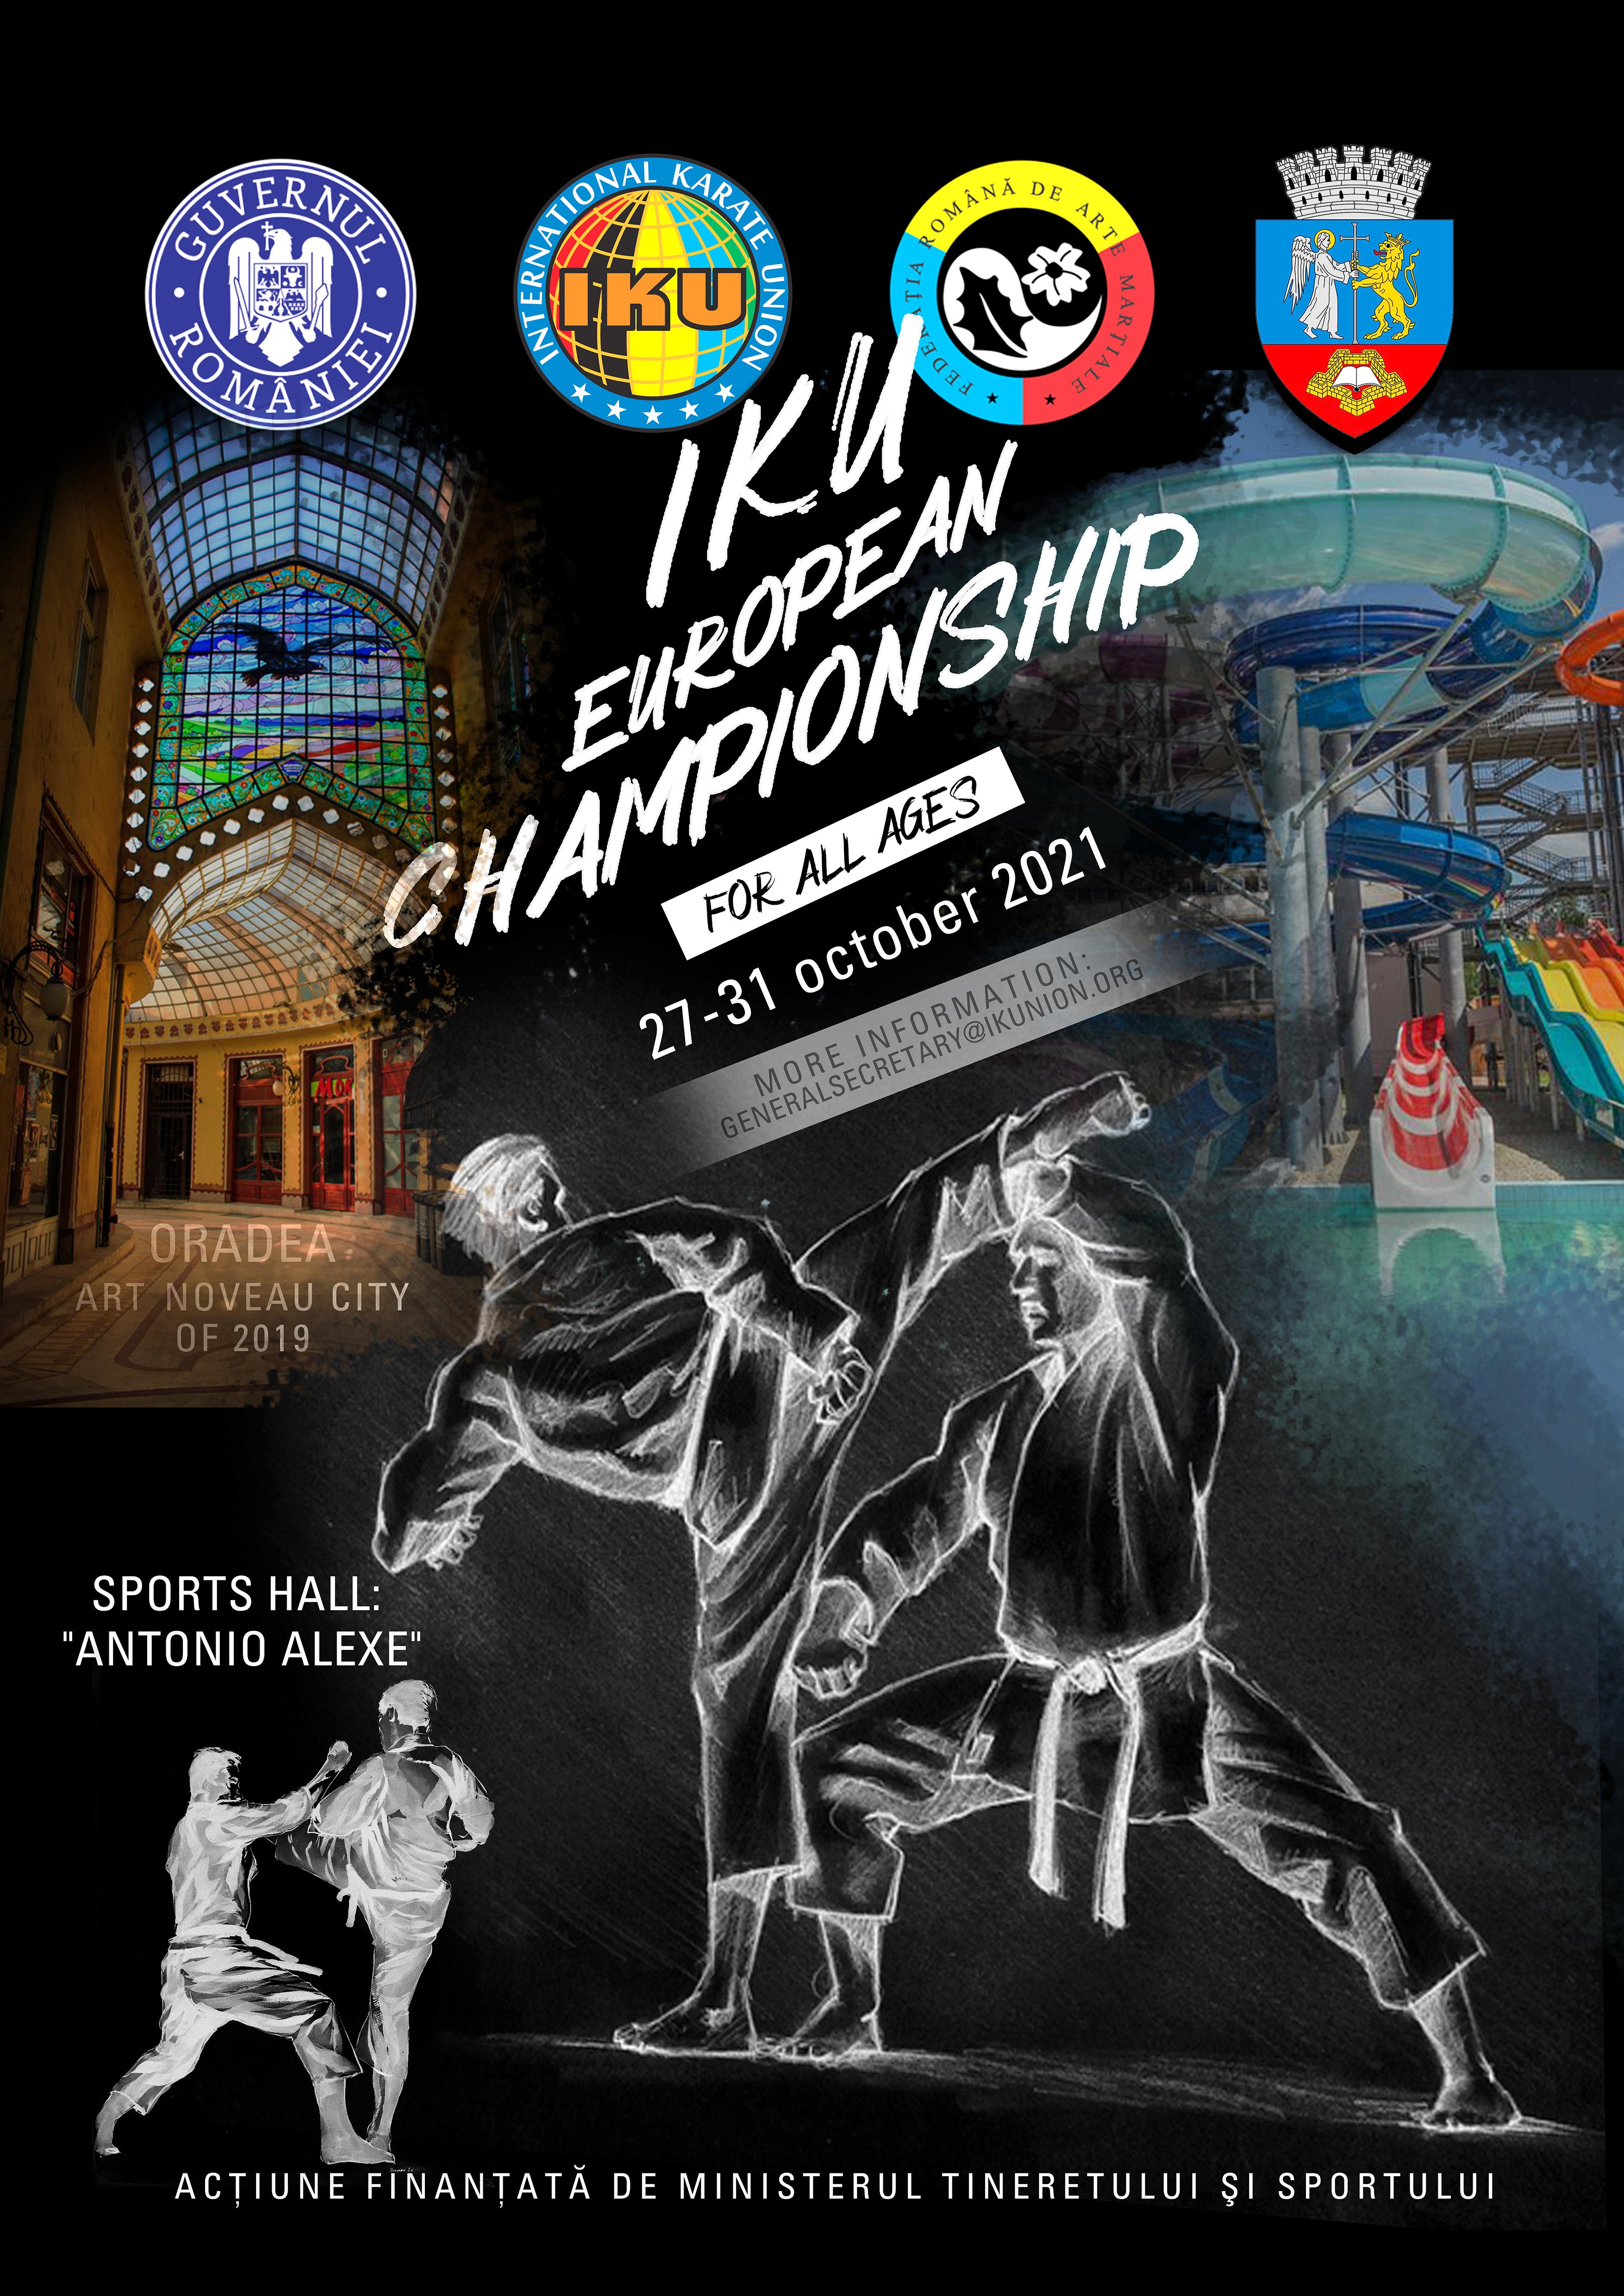 IKU 2021 European Championship